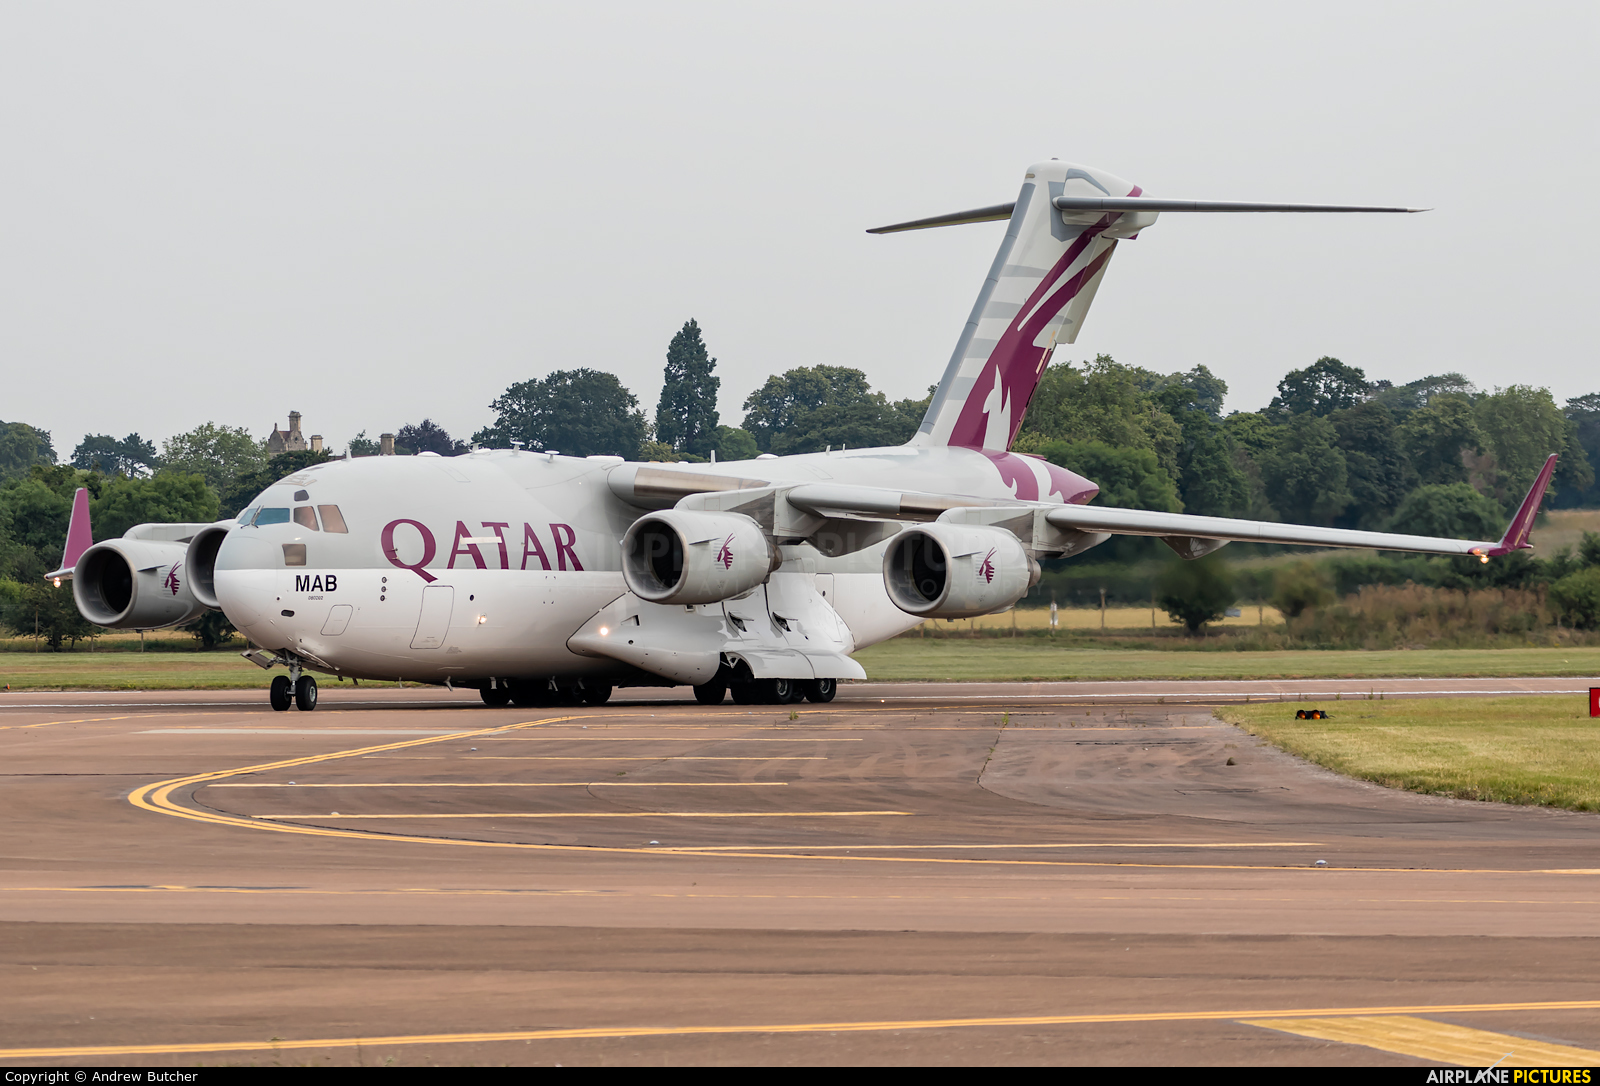 Qatar Amiri Flight A7-MAB aircraft at Fairford